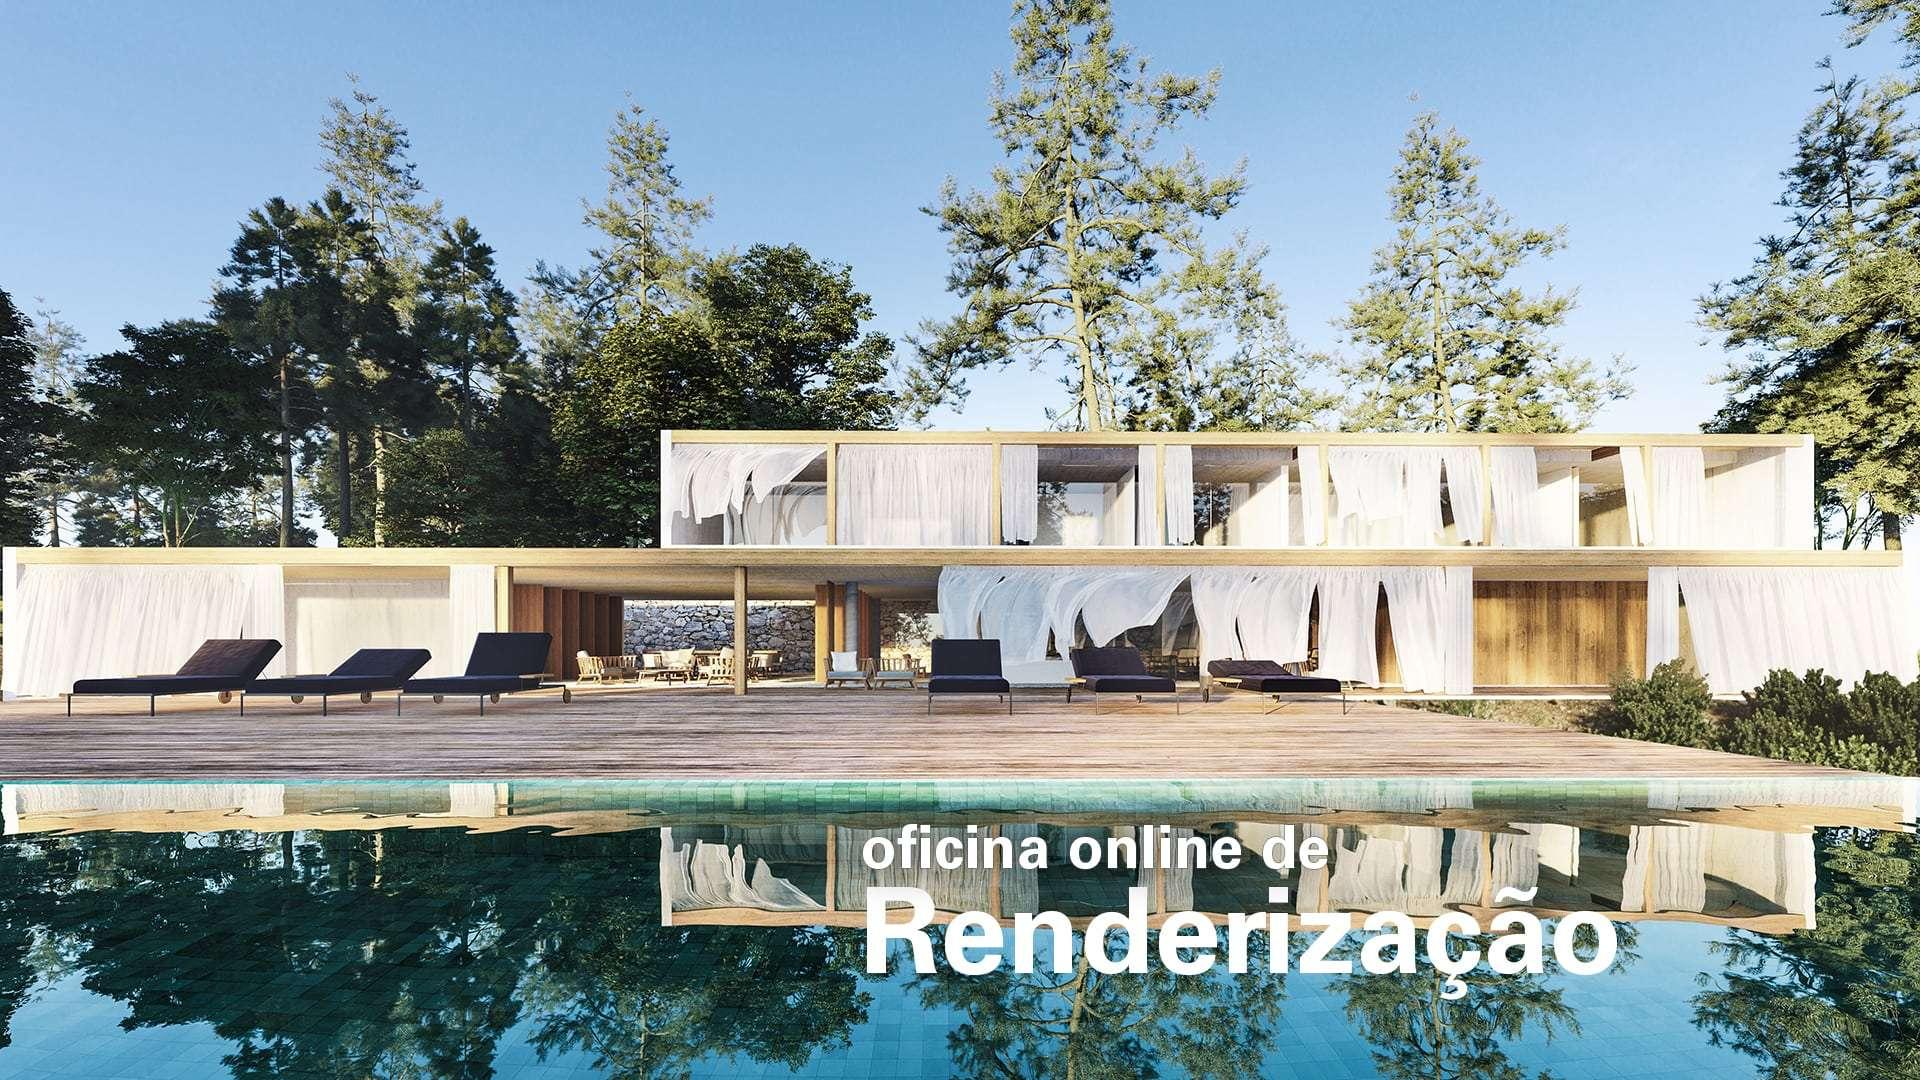 Oficina de Renderização Online